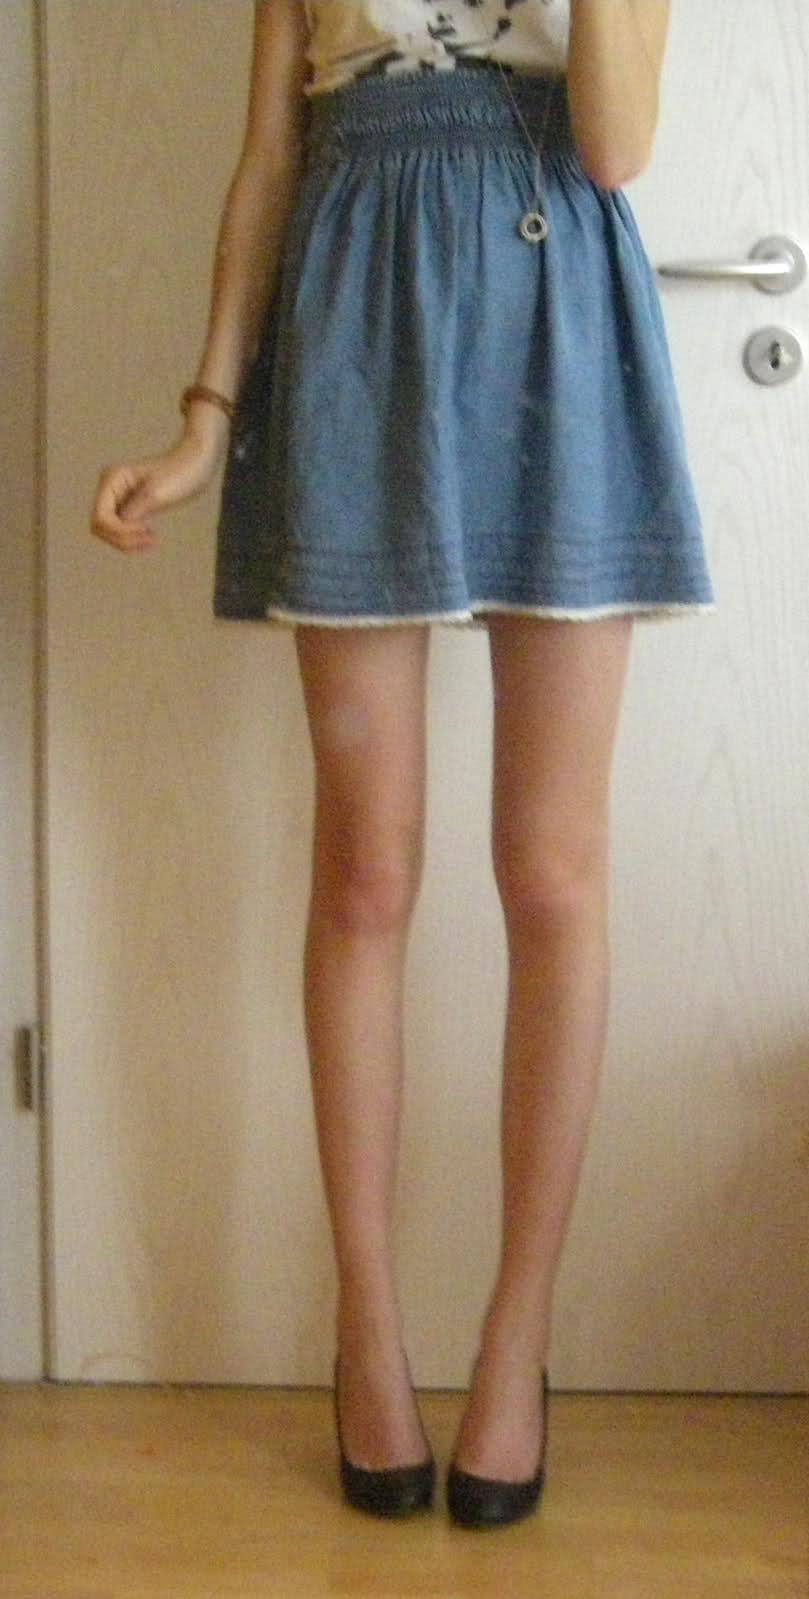 thigh gap jeans tumblr